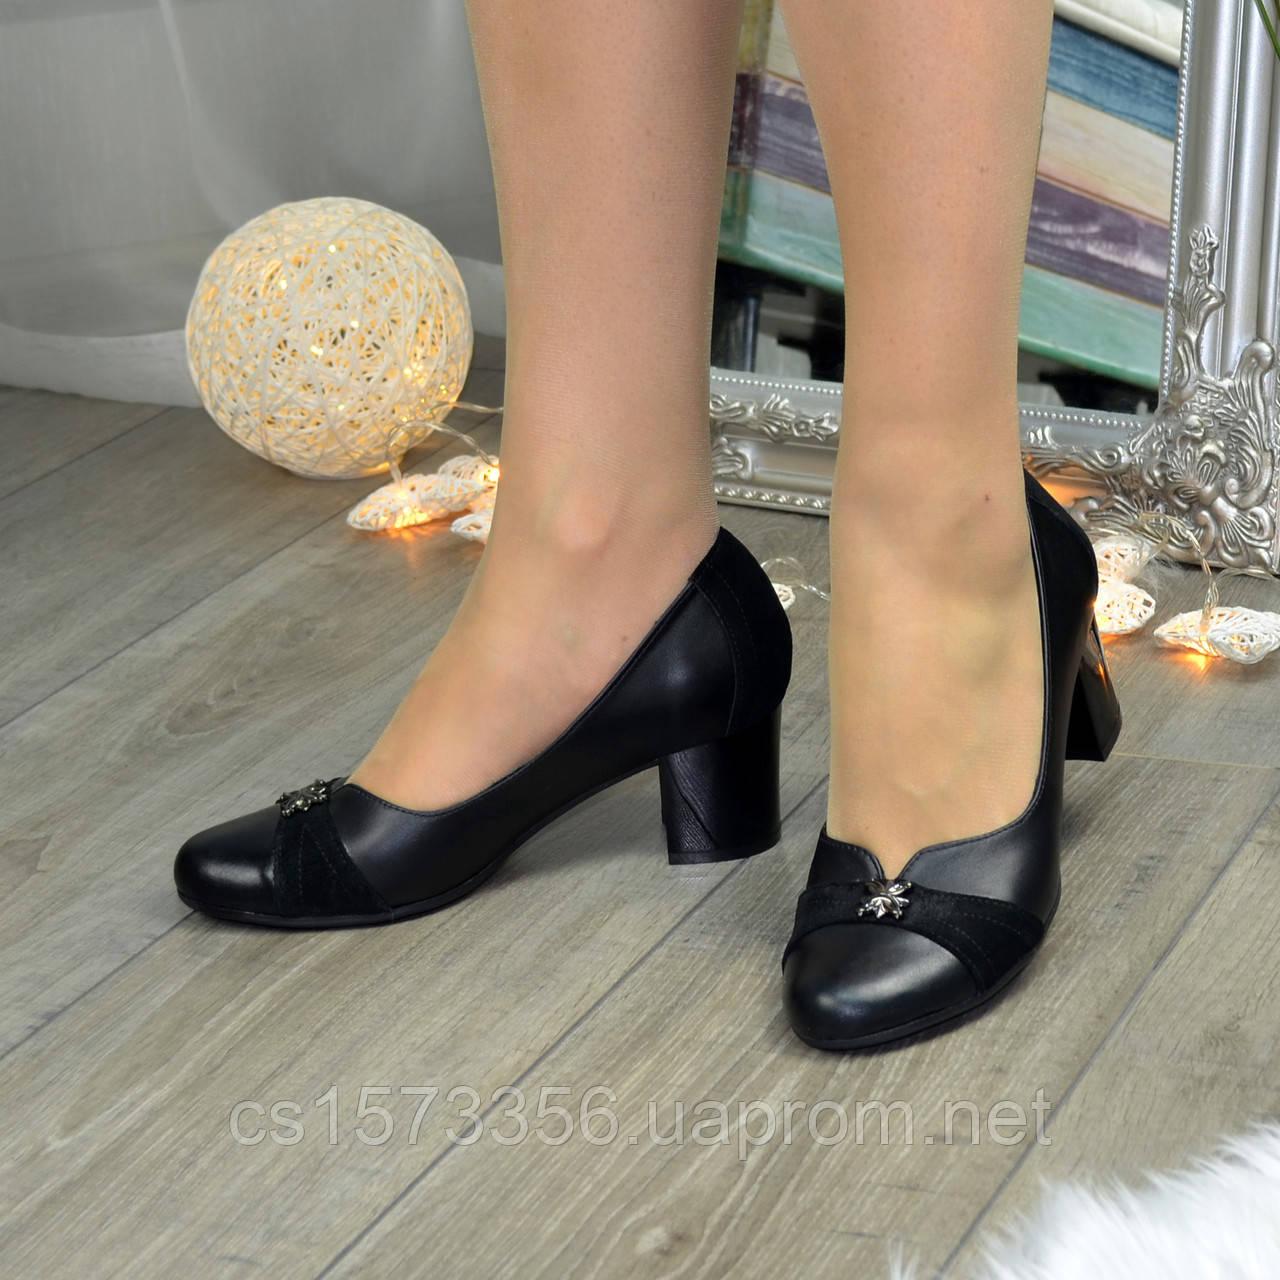 Туфли женские на невысоком устойчивом каблуке, натуральная кожа и замша